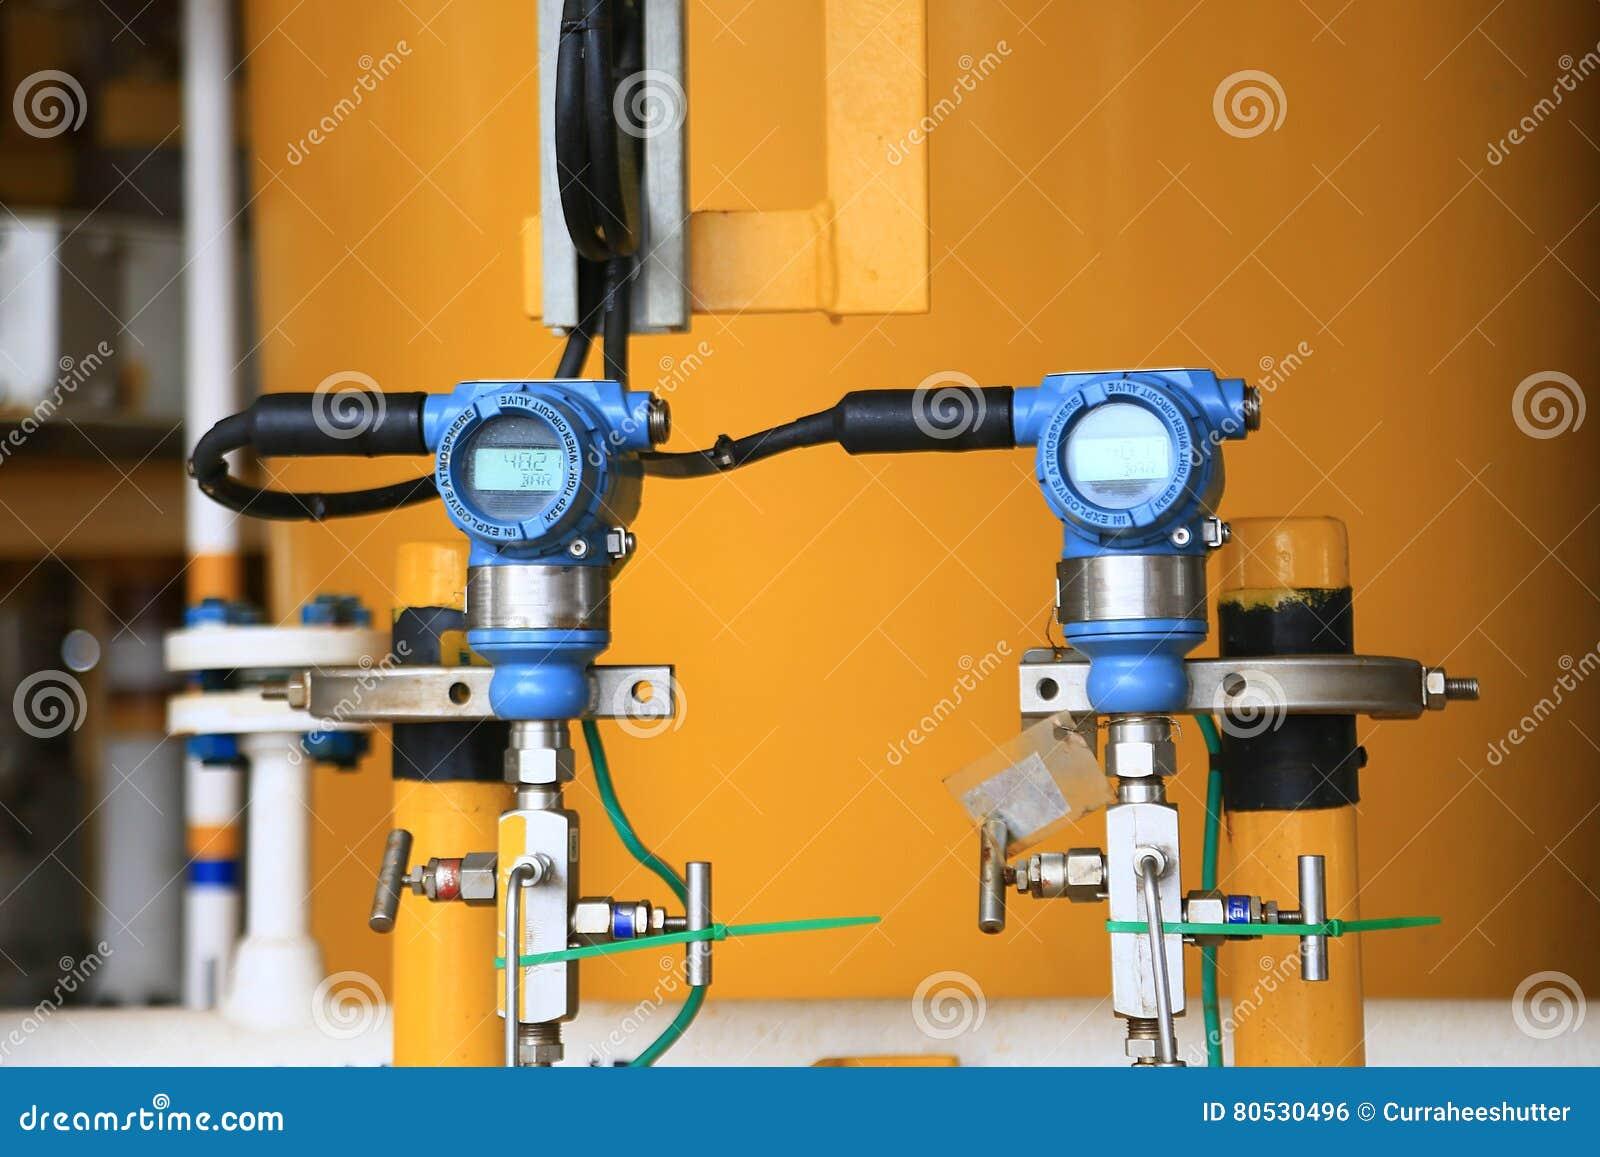 Η συσκευή αποστολής σημάτων πίεσης στη διαδικασία πετρελαίου και φυσικού αερίου, στέλνει το σήμα στον ελεγκτή και την πίεση ανάγν